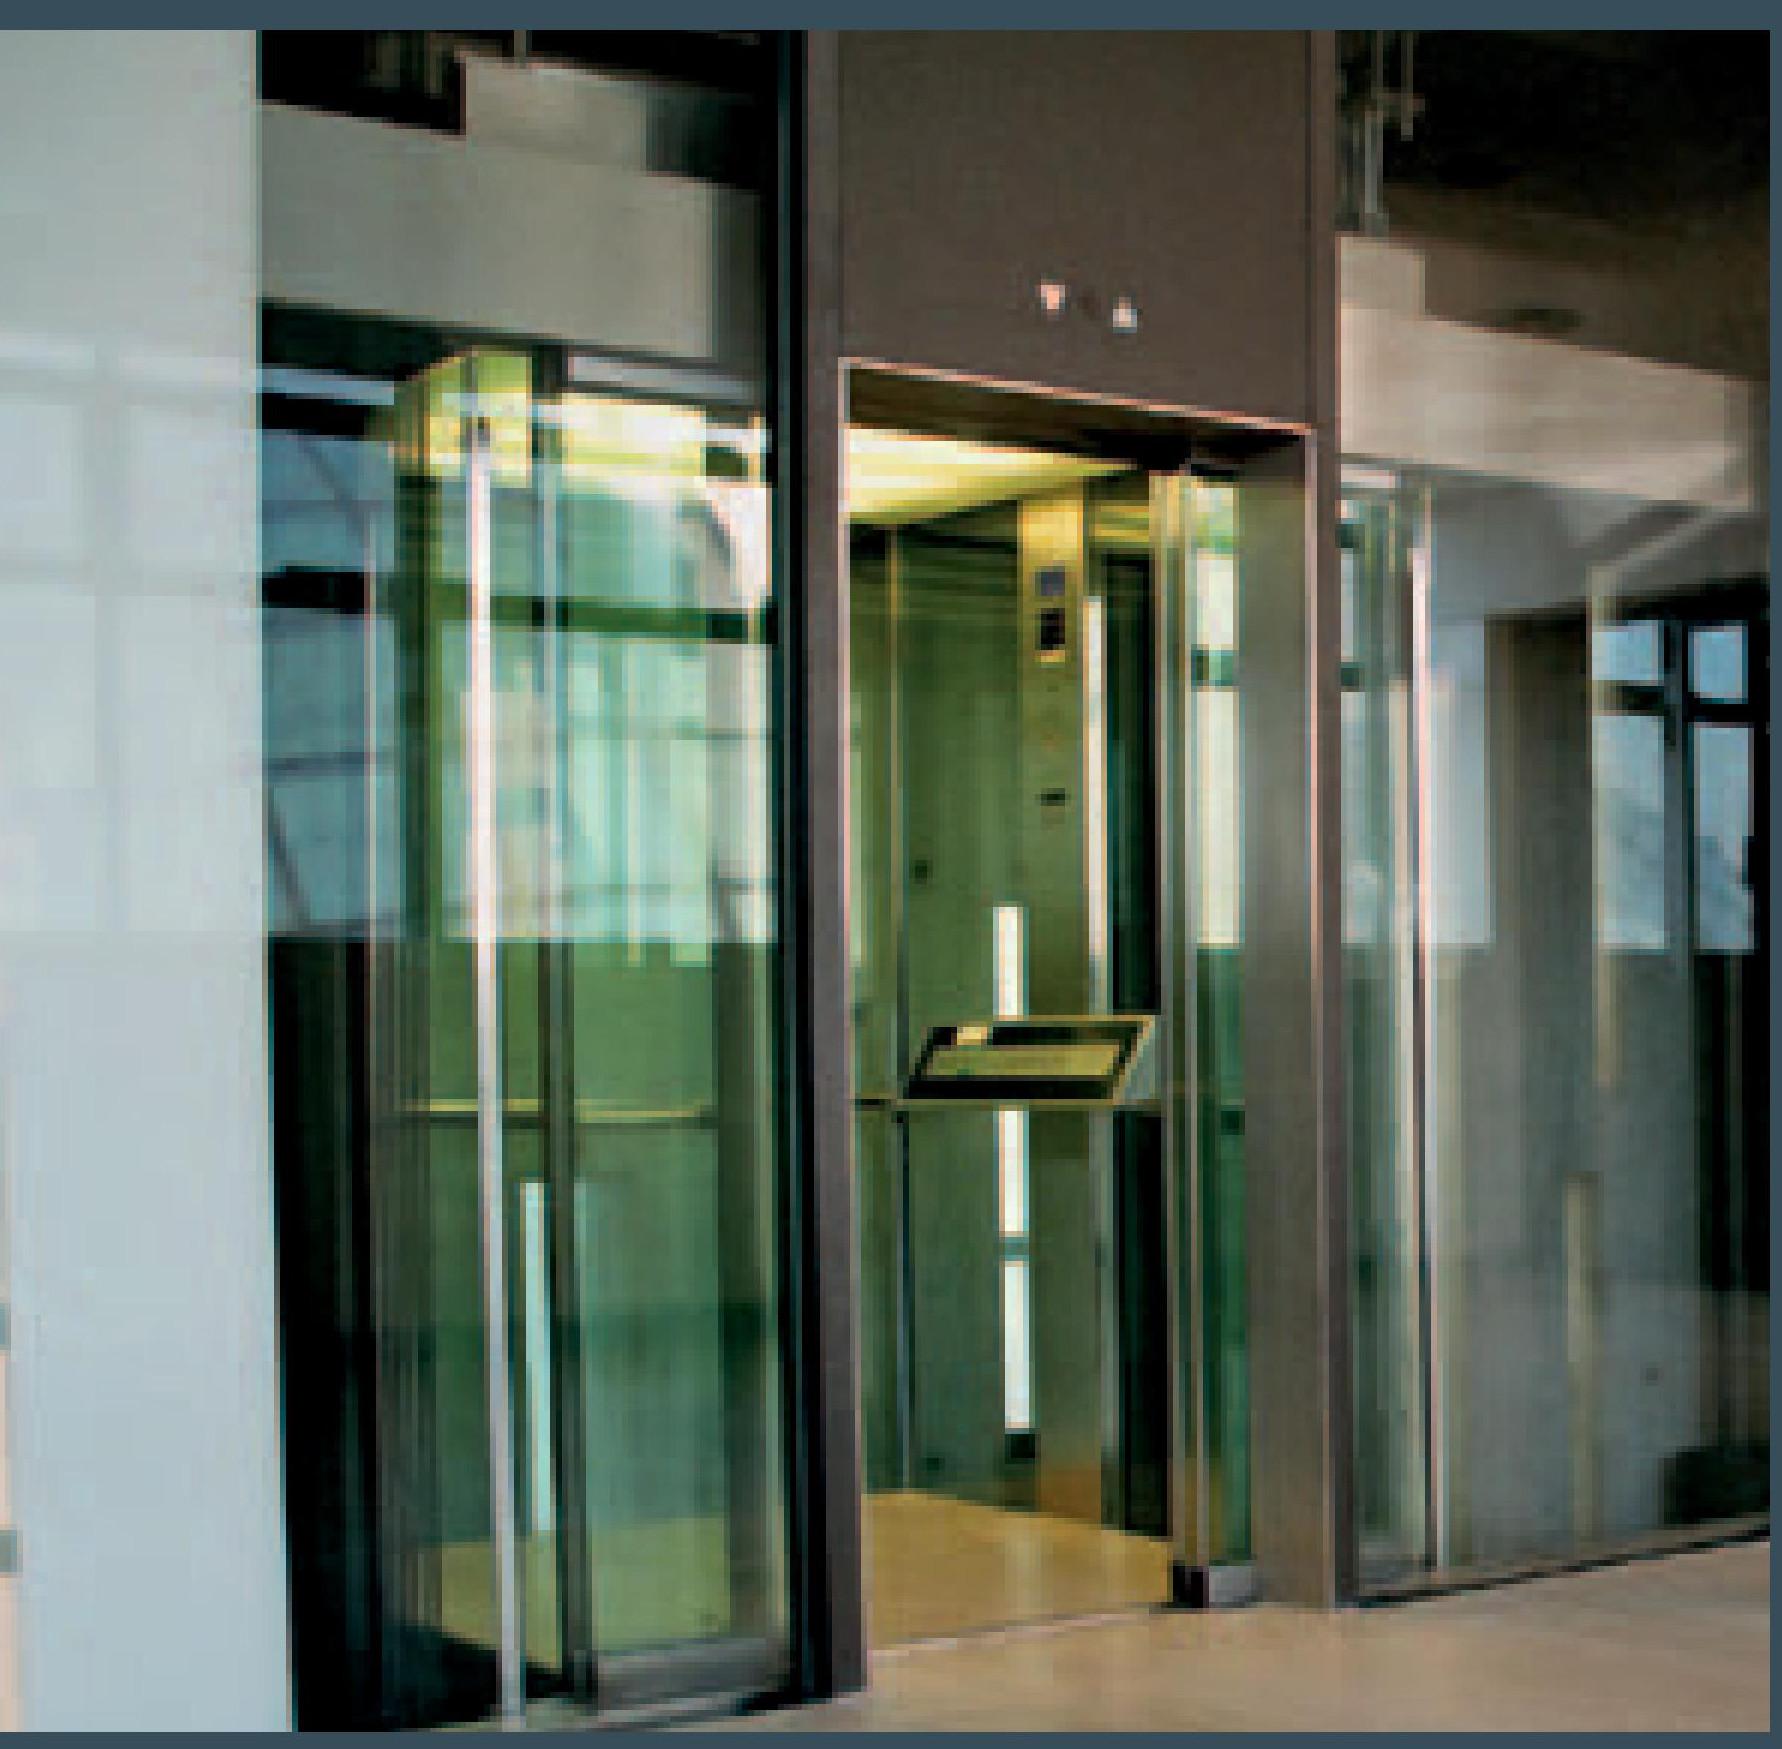 Ліфт пасажирський MALACHIT, ціни на ліфти